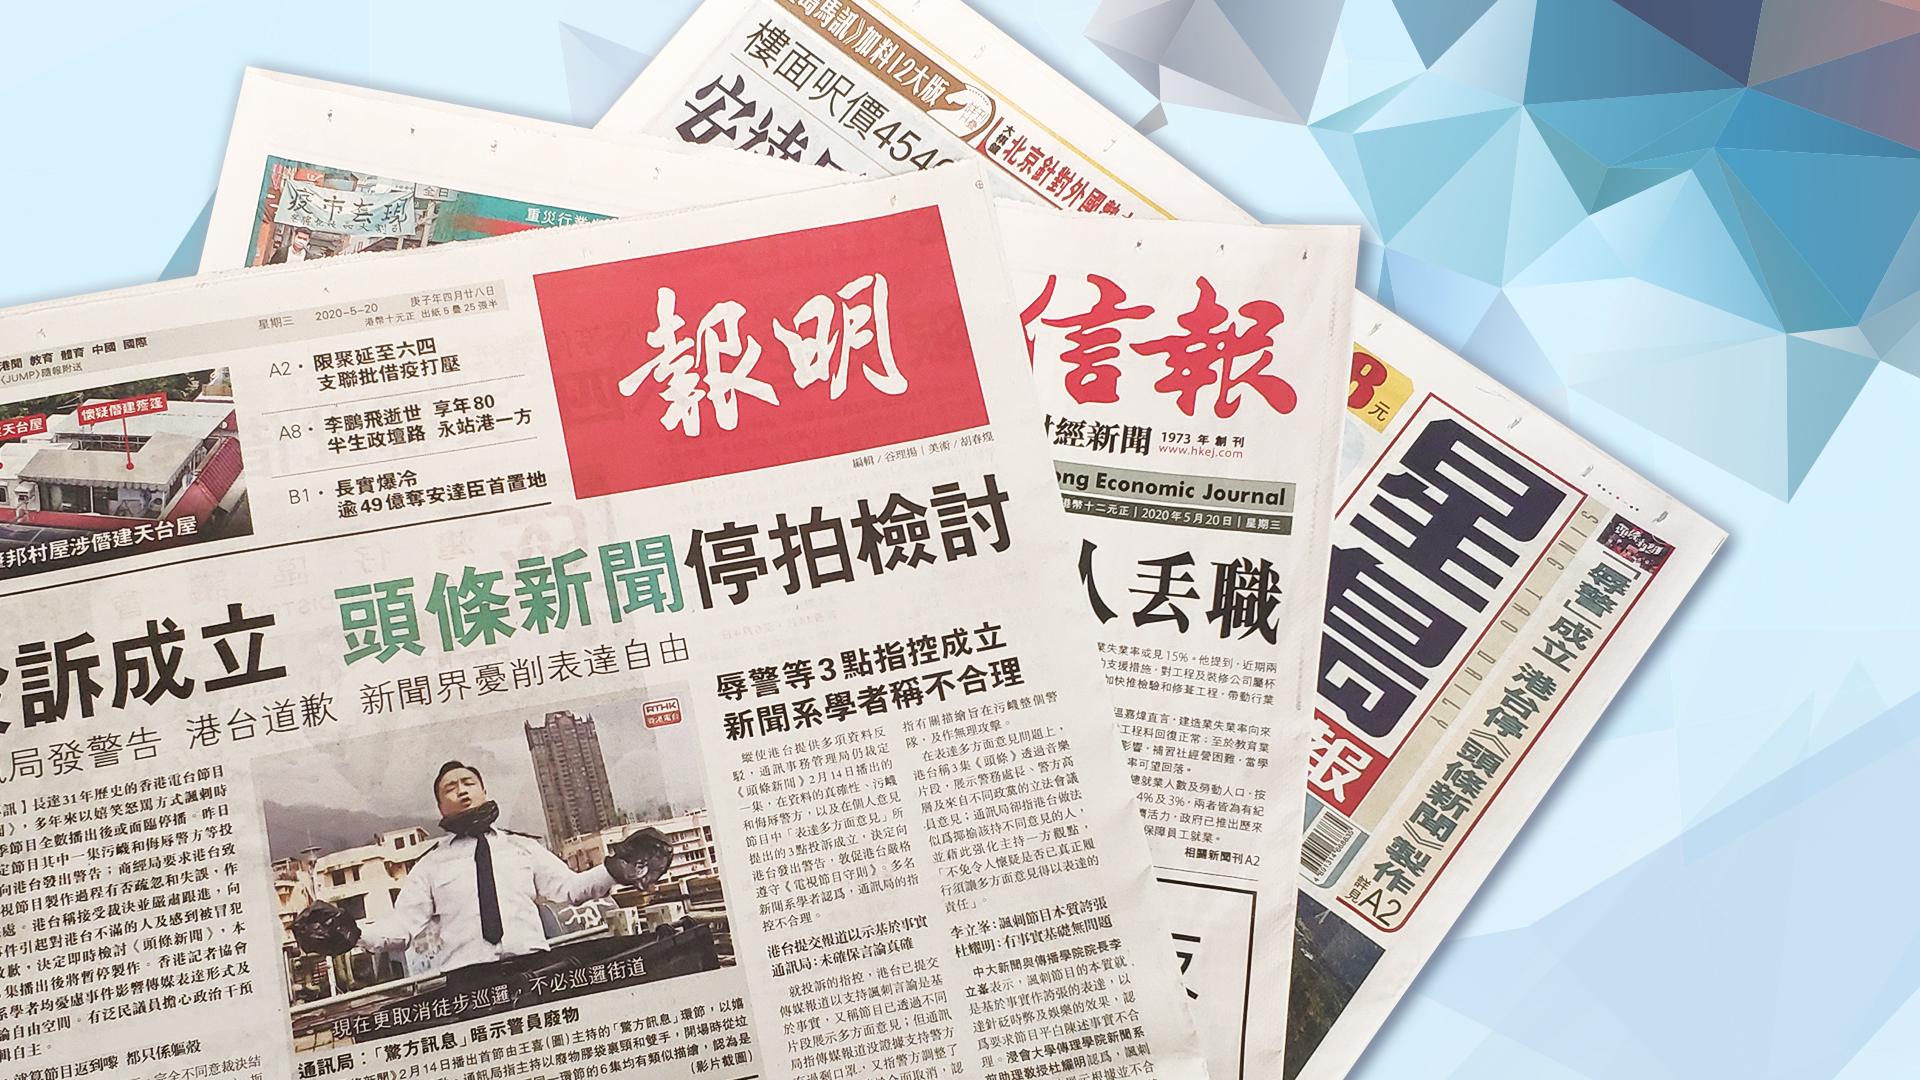 【報章A1速覽】投訴成立 《頭條新聞》停拍檢討 新聞界憂削表達自由;失業率5.2%十年高 20萬人丟職